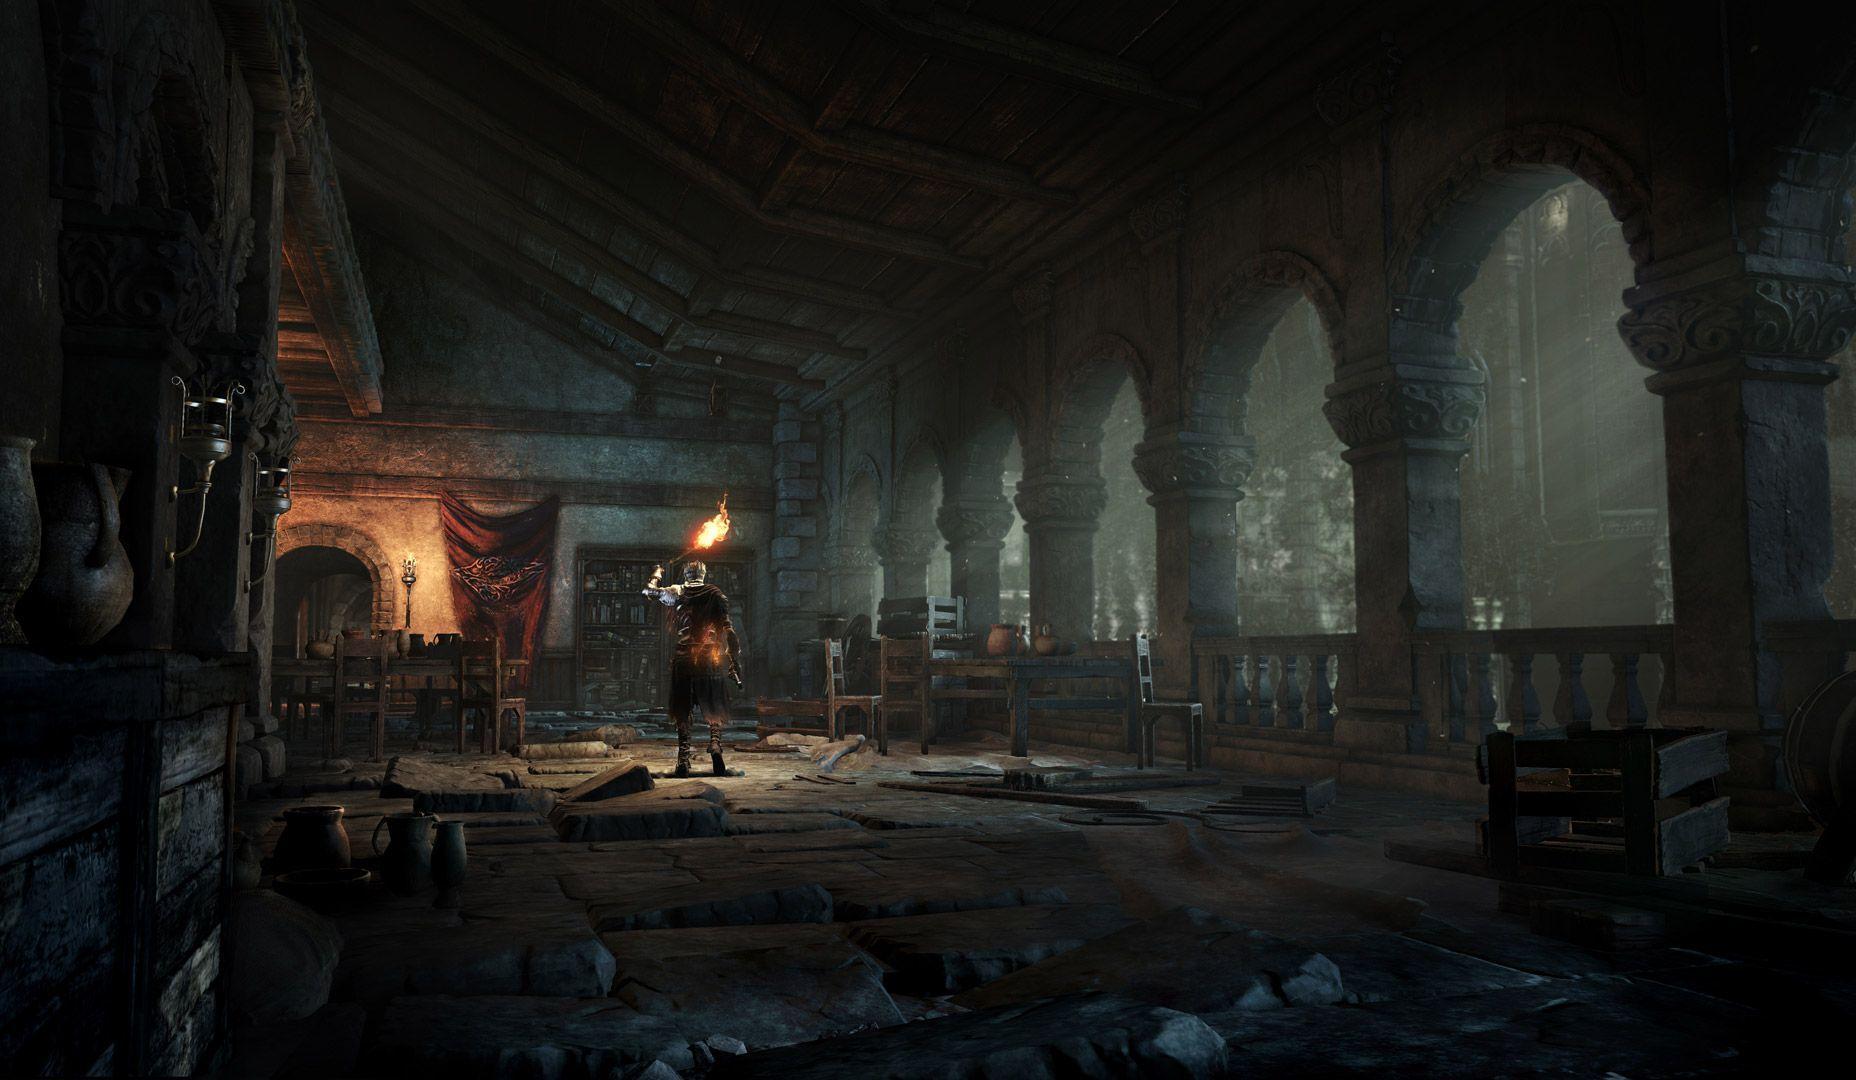 Превью игры Dark Souls III